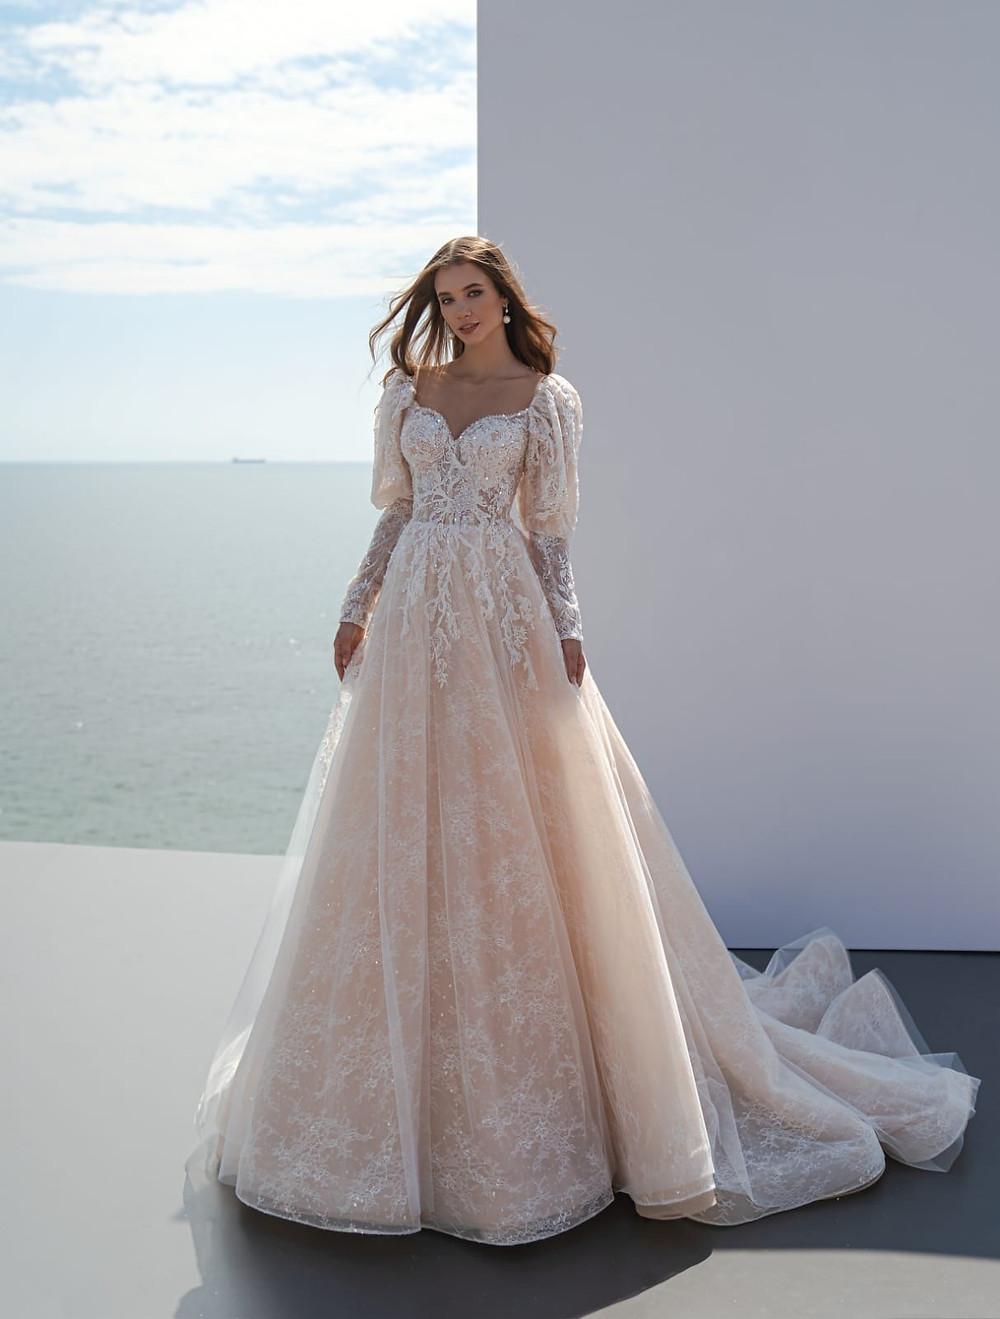 rochii mireasa, rochie mireasa, rochii de mireasa stil A